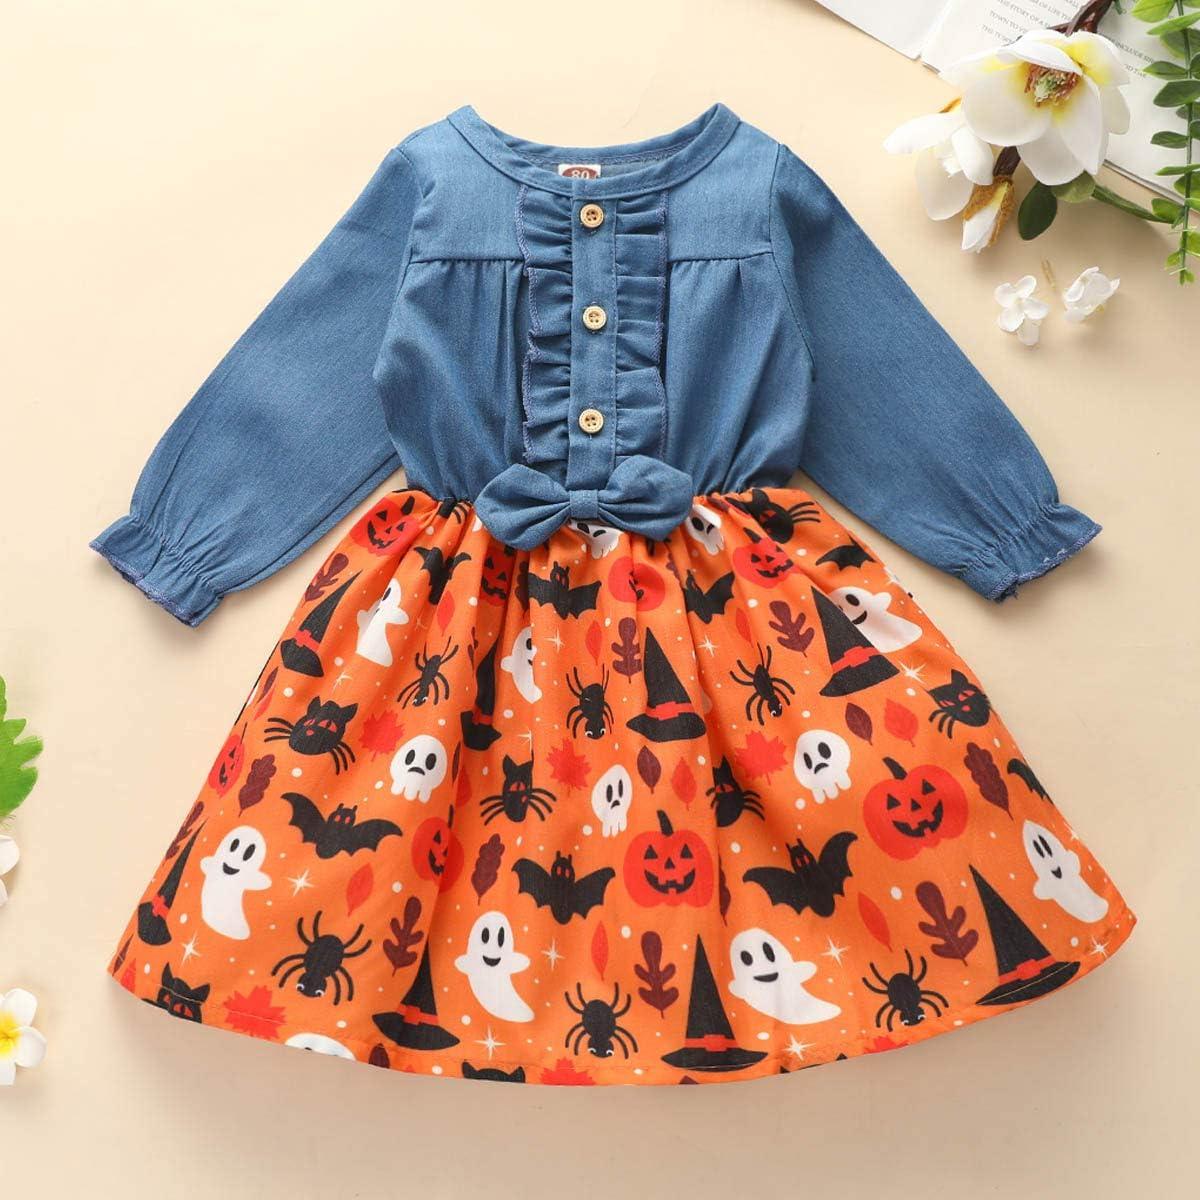 JBEELATE Baby Girls Halloween Denim Dress Long Sleeve Ruffle Button Dress Ghost Printed Tutu Skirt